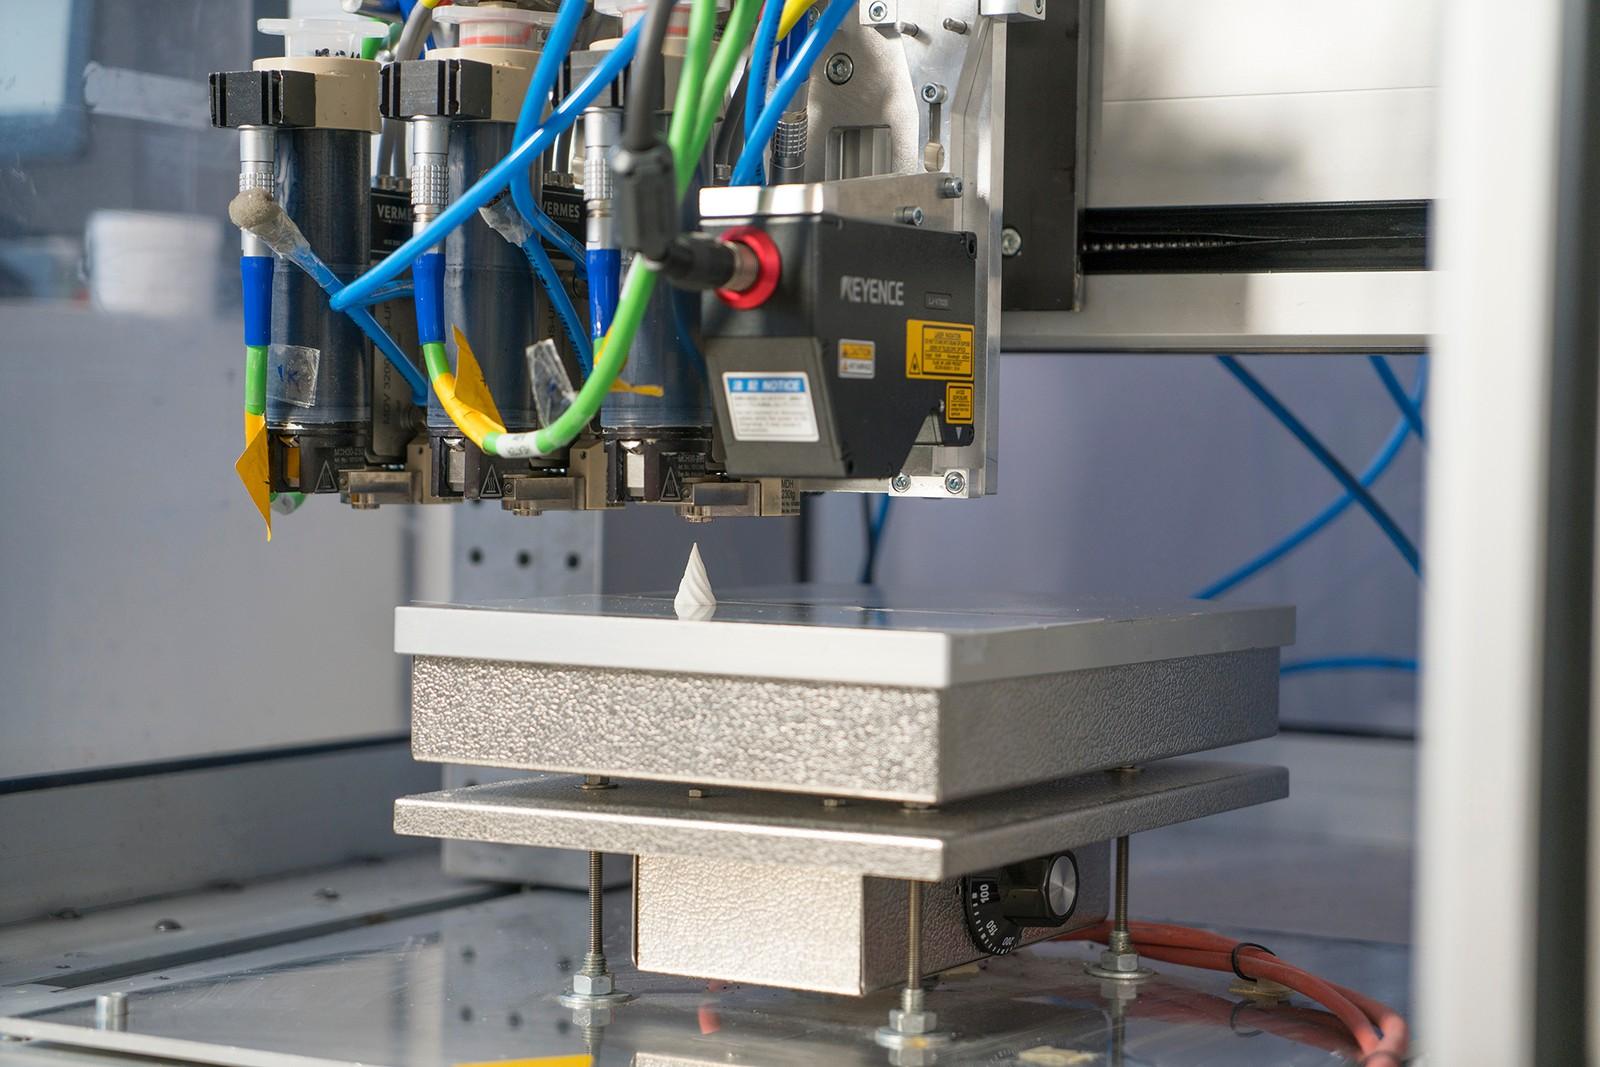 """Im Projekt """"Addi Line"""" entsteht ein prozessintegriertes Prüfsystem, das die Qualität beim 3D-Druck in Echtzeit überwacht. So sollen künftig teure Fehler vermieden werden."""